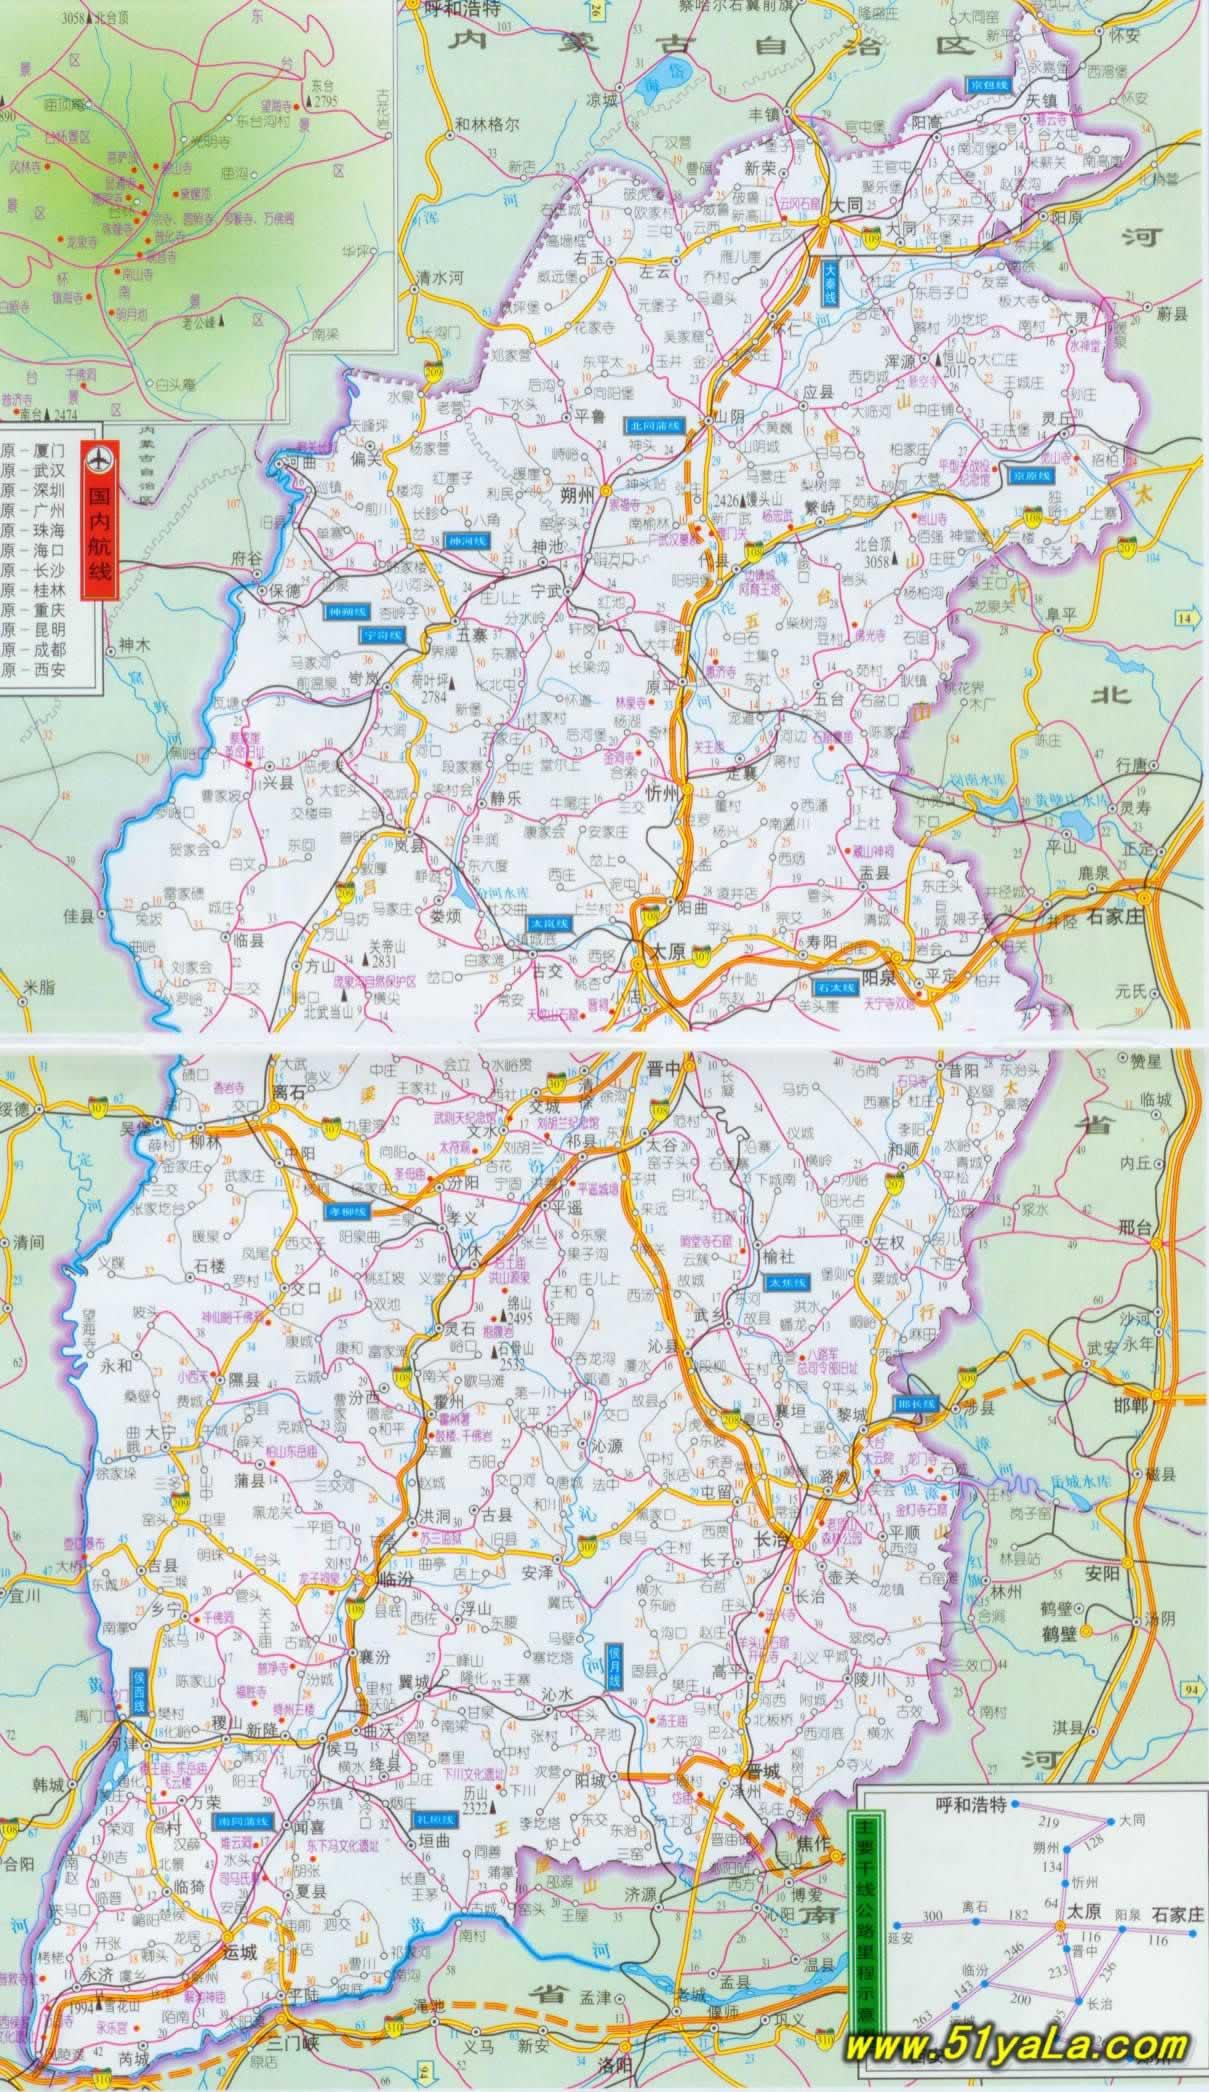 山西旅游地图 山西旅游地图介绍